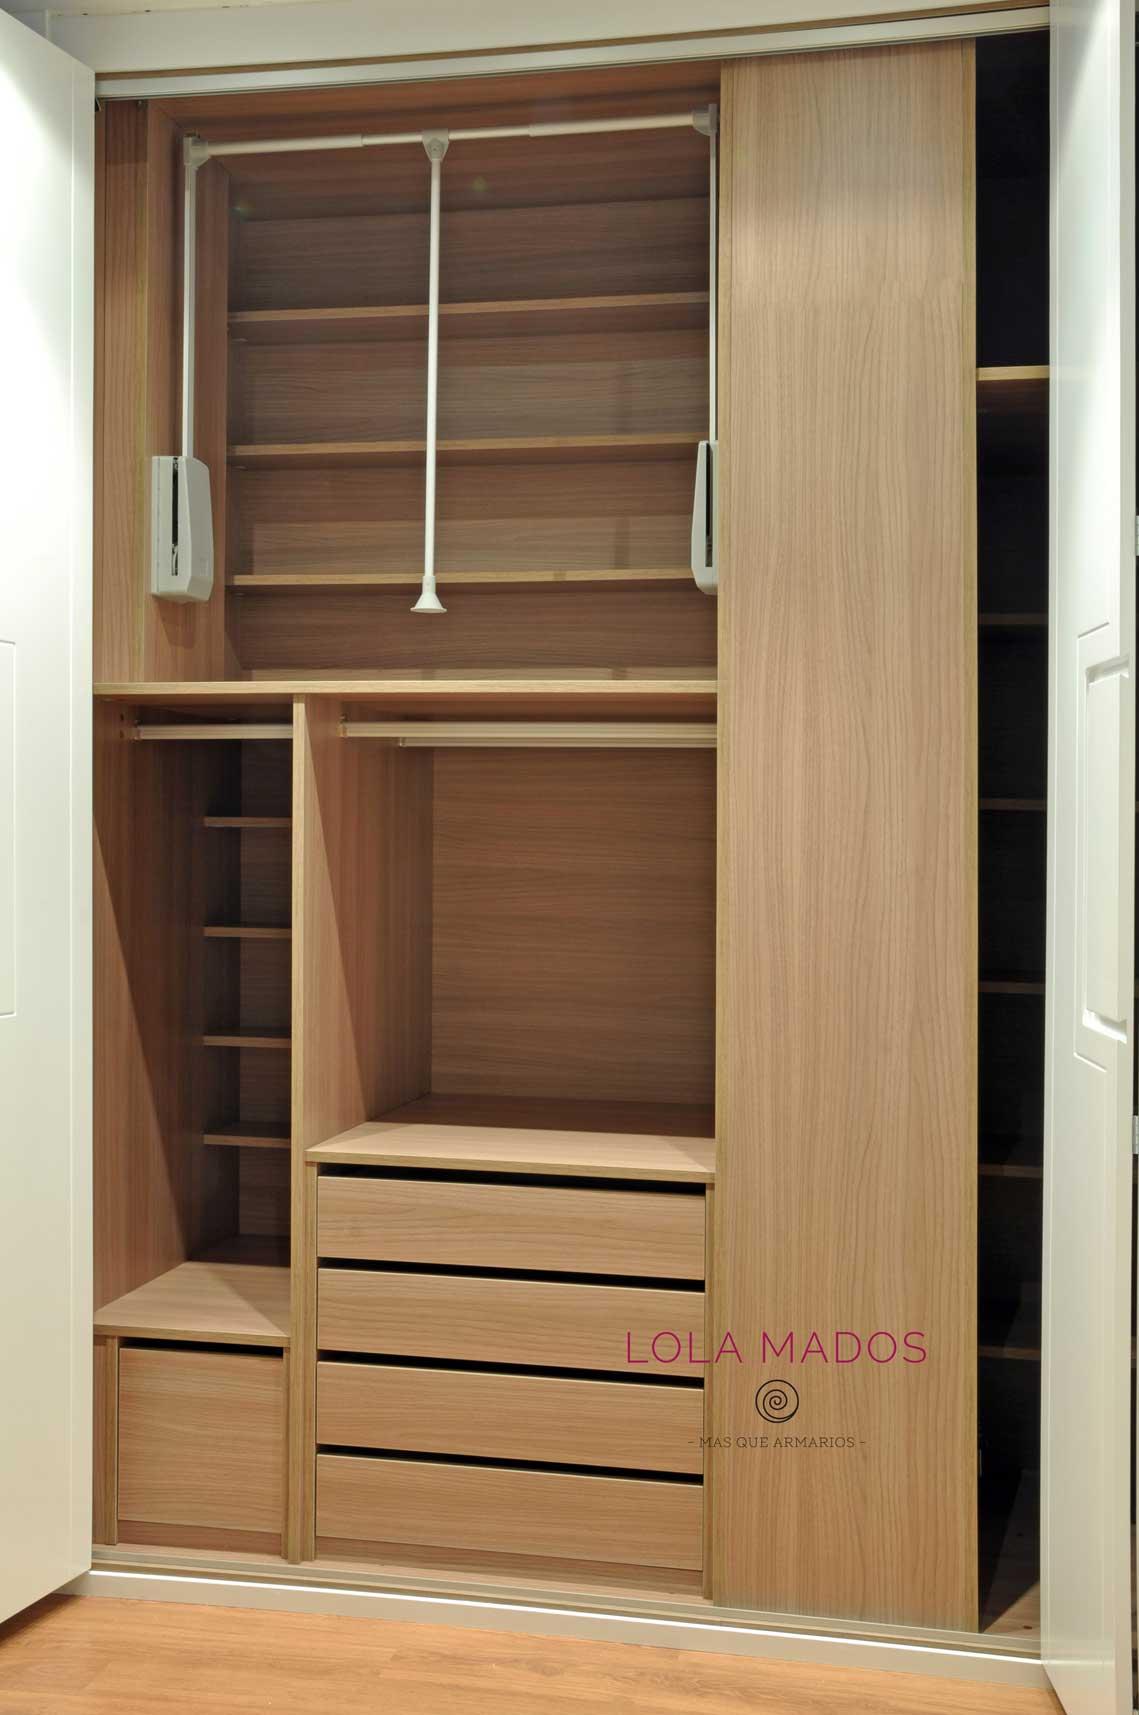 Hacer interior de armarios empotrados a medida blancos lola mados - Armarios de esquina a medida ...